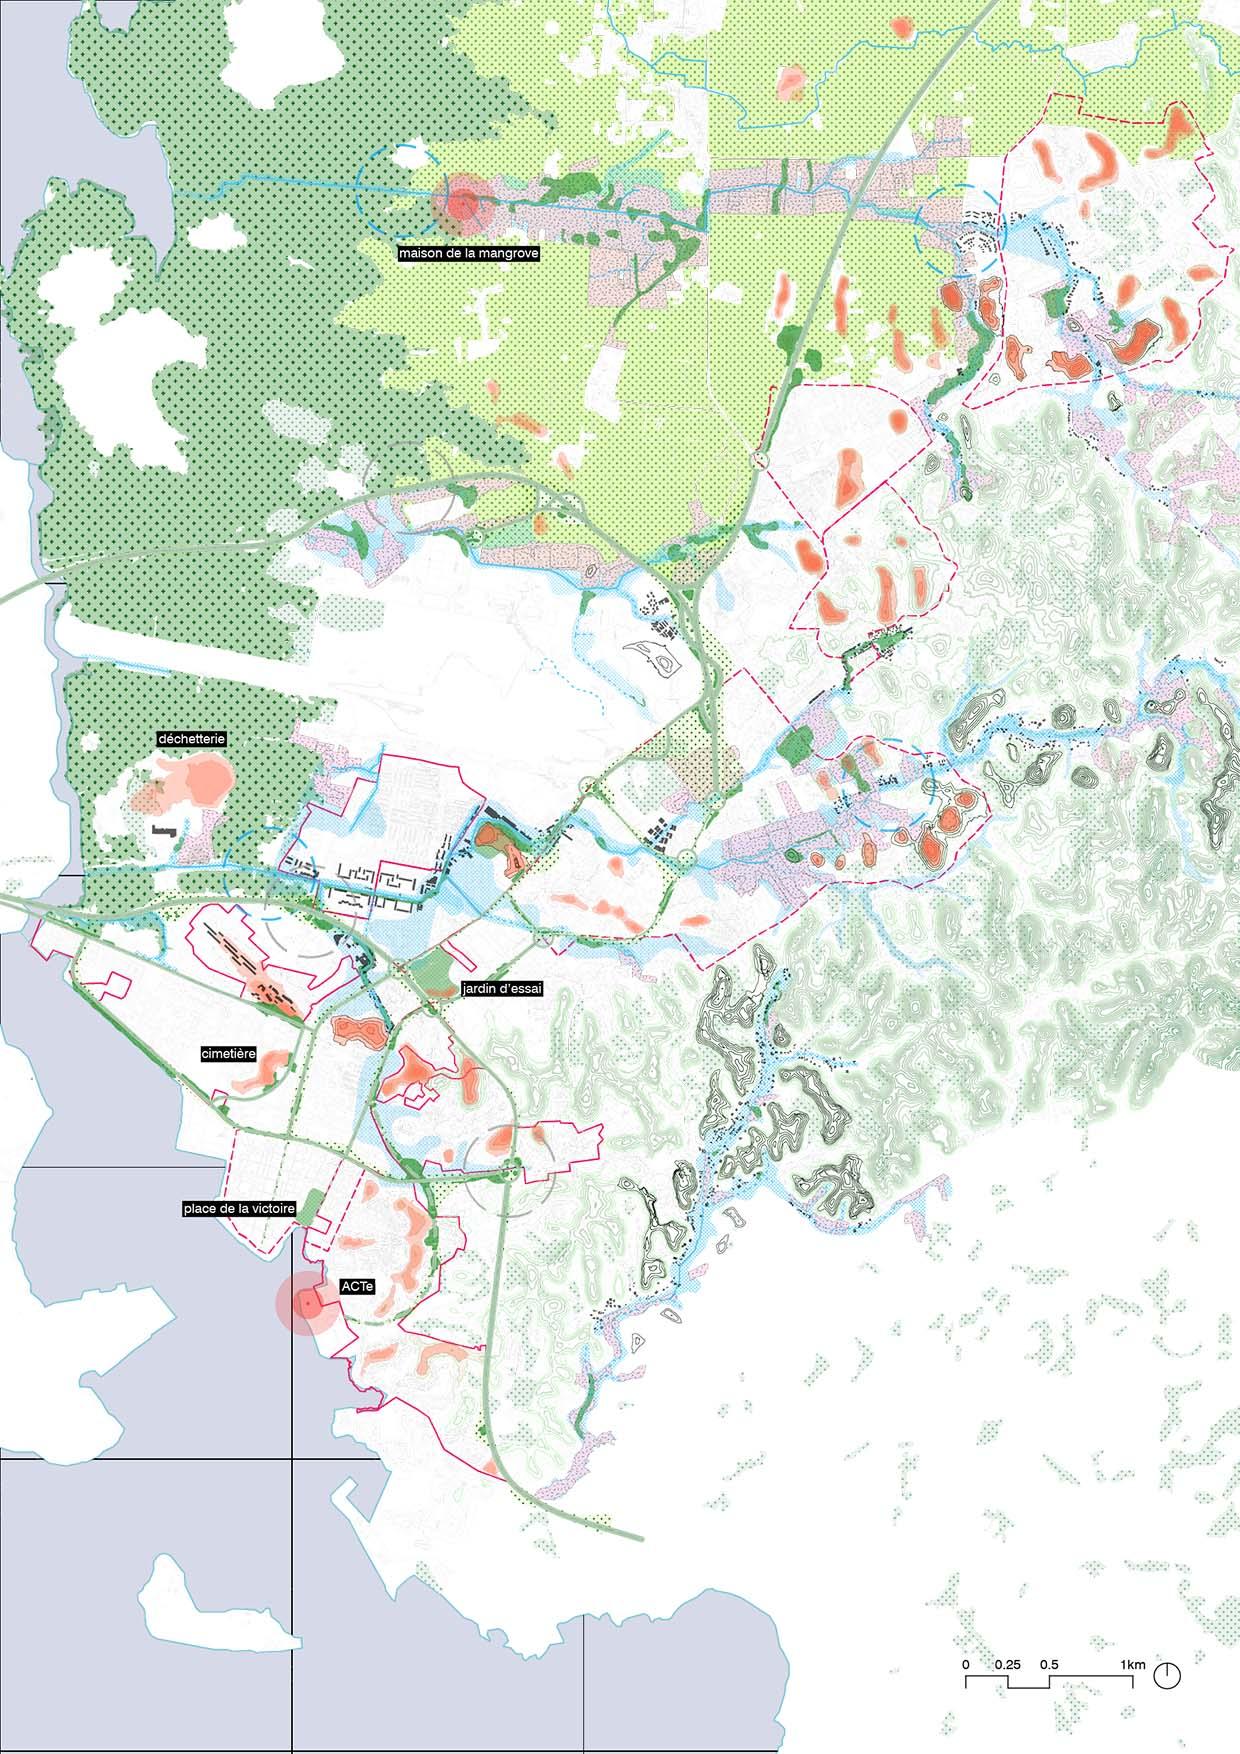 schéma de territoire, du paysage, de la topographie et des natures de point-à-pître les abymes